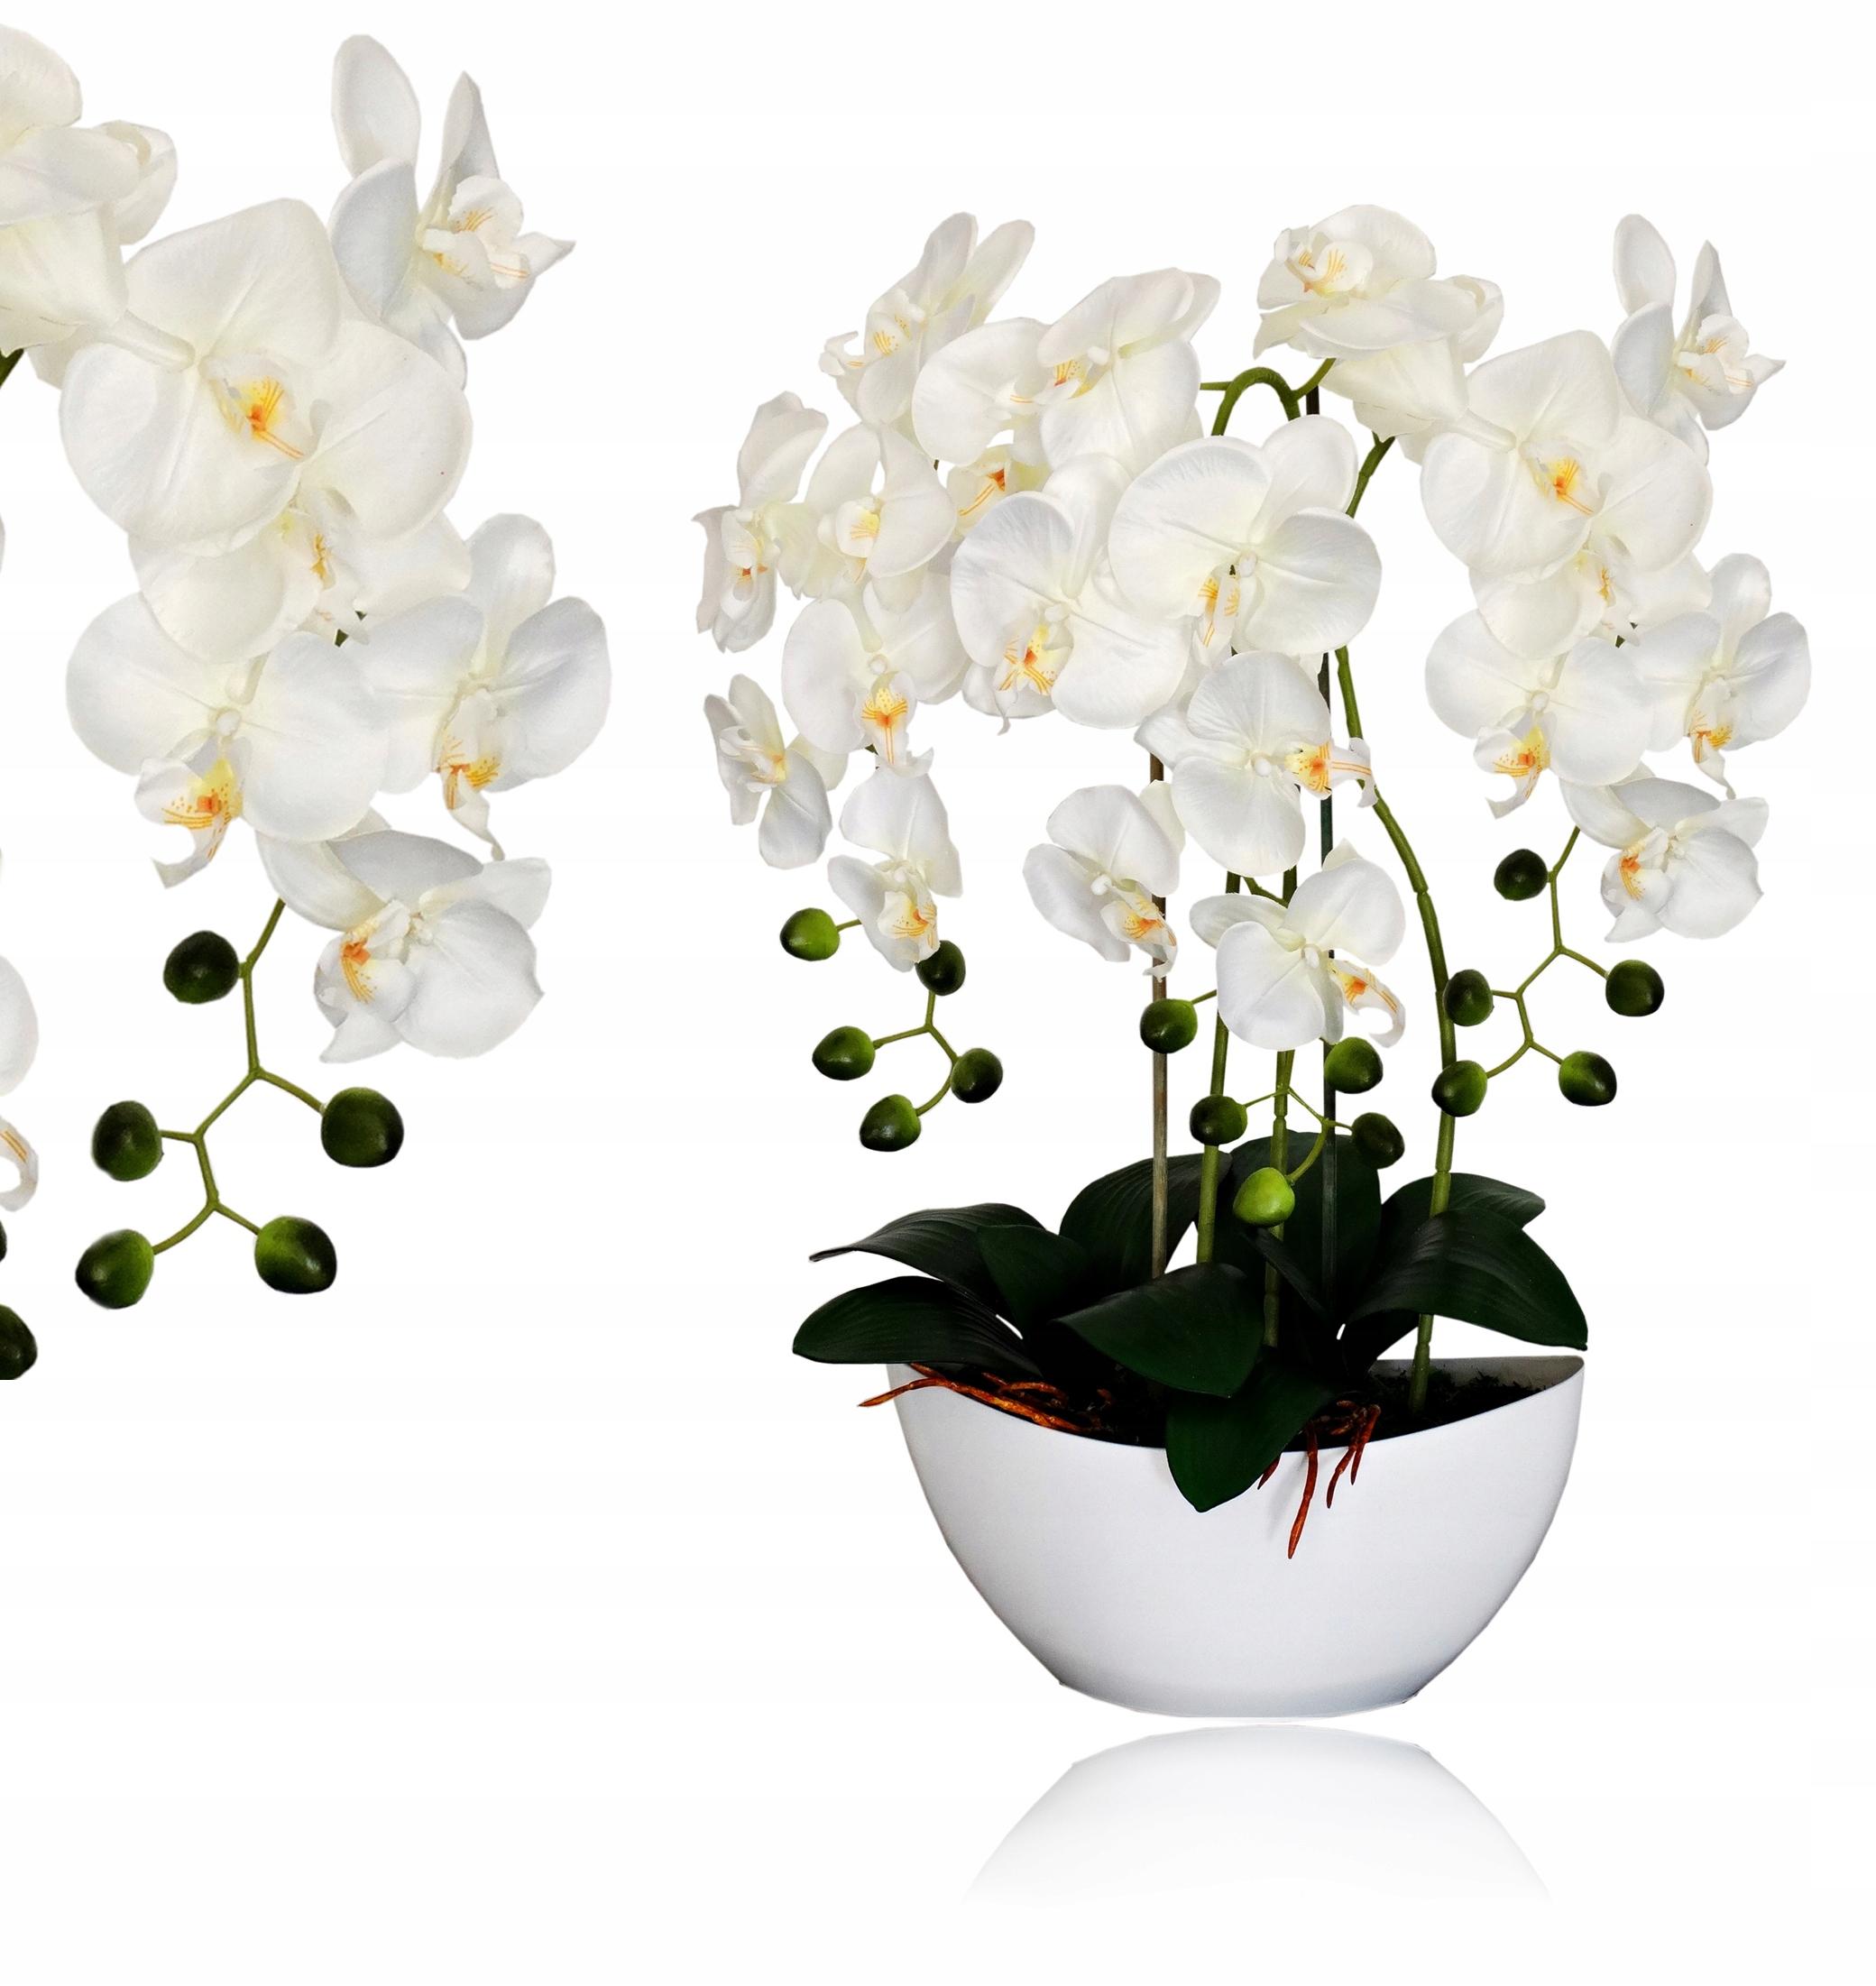 Цветы орхидея купить киев, заказ кишинев